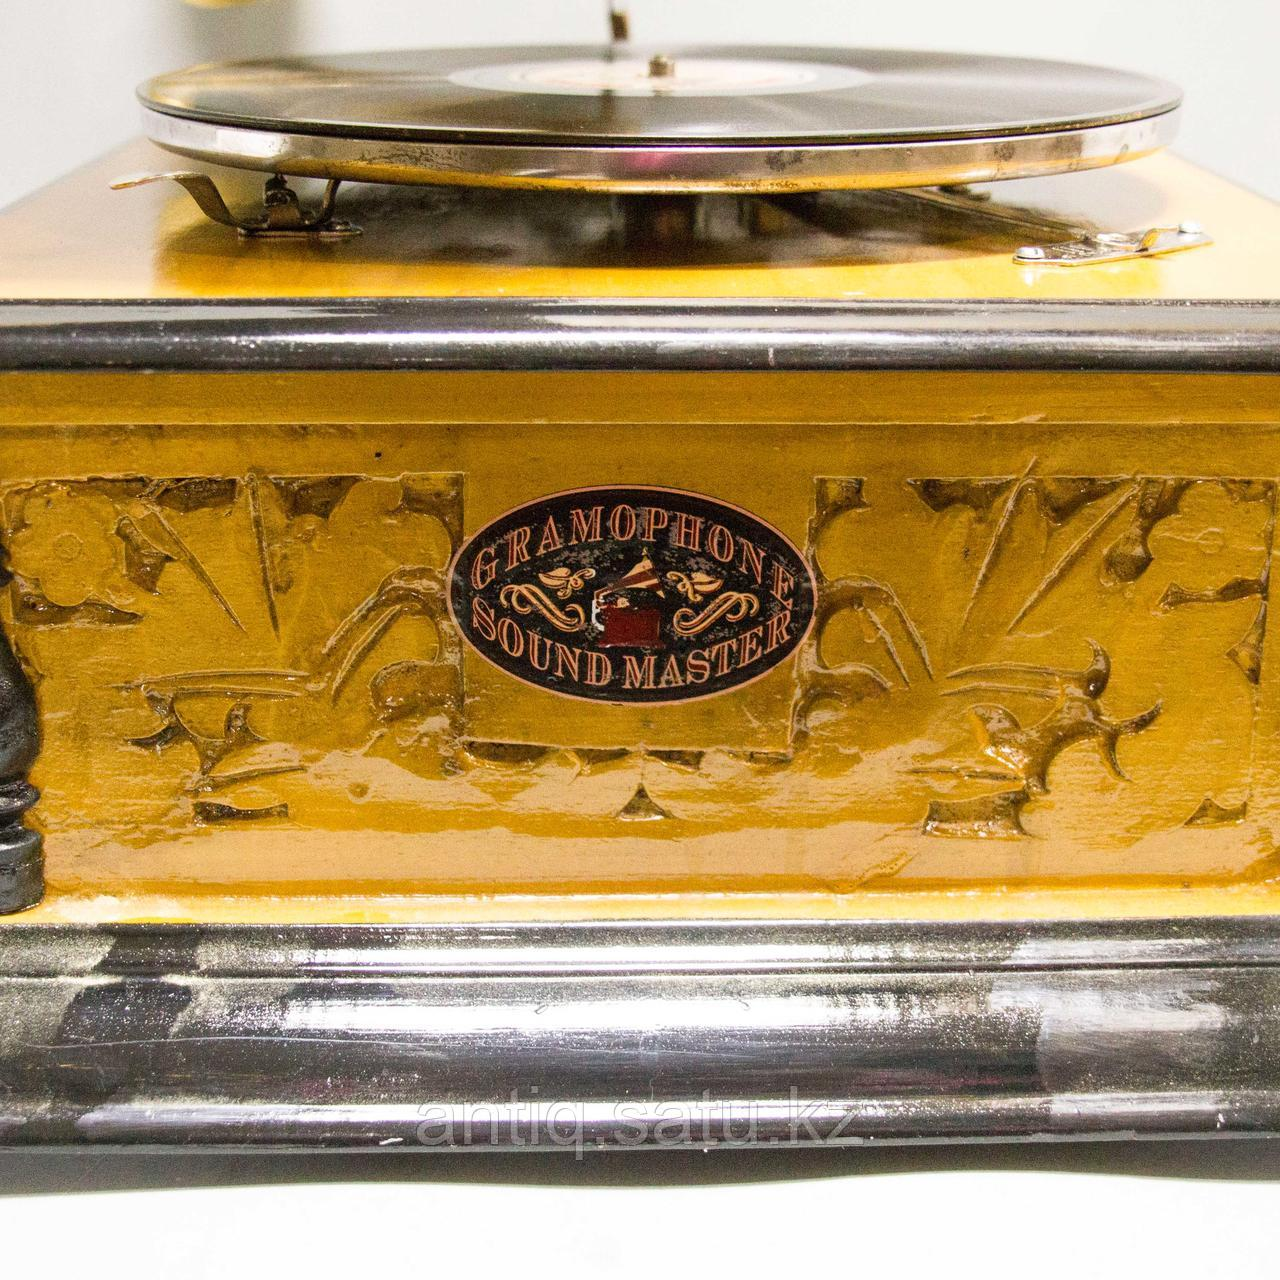 Граммофон. 5 старинных пластинок в подарок покупателю. - фото 3